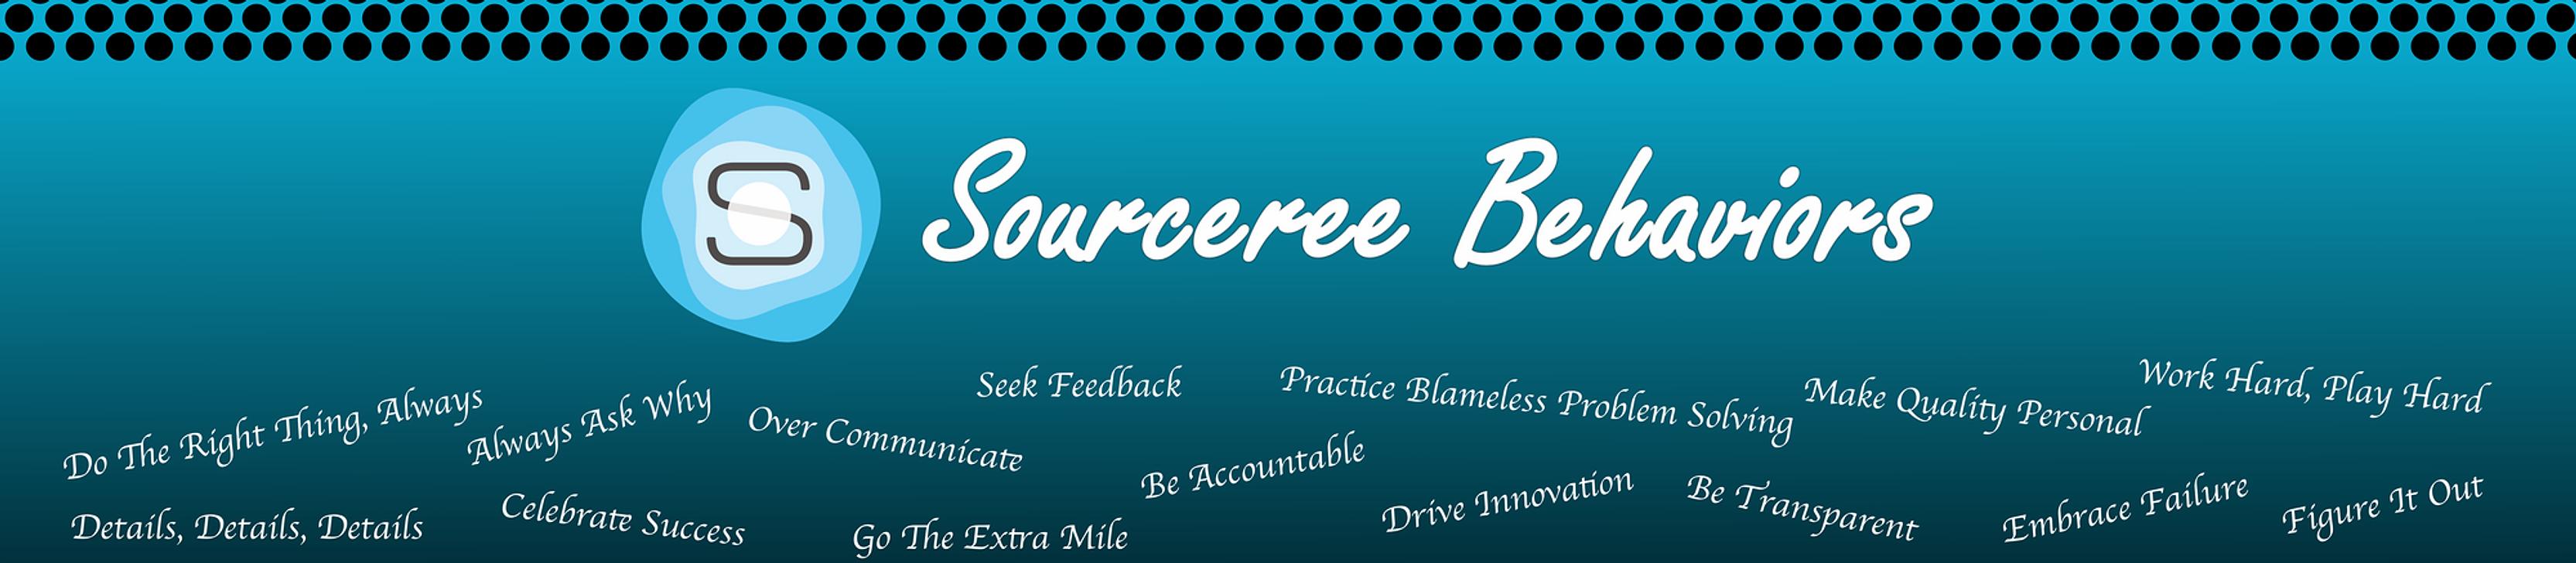 Sourceree Behaviors